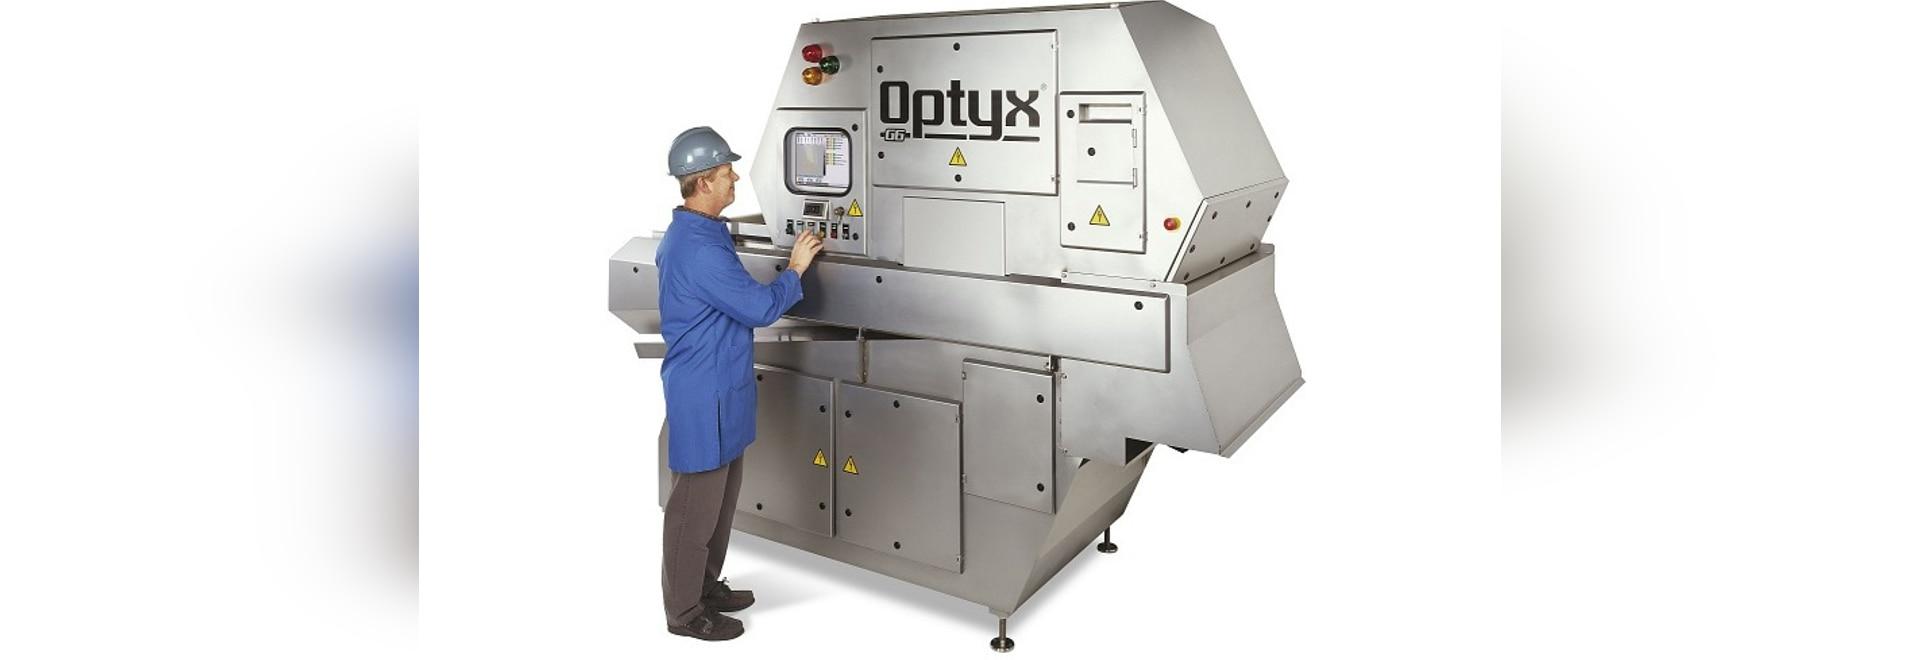 La tecnología láser del clasificador mejora calidad del producto embalada